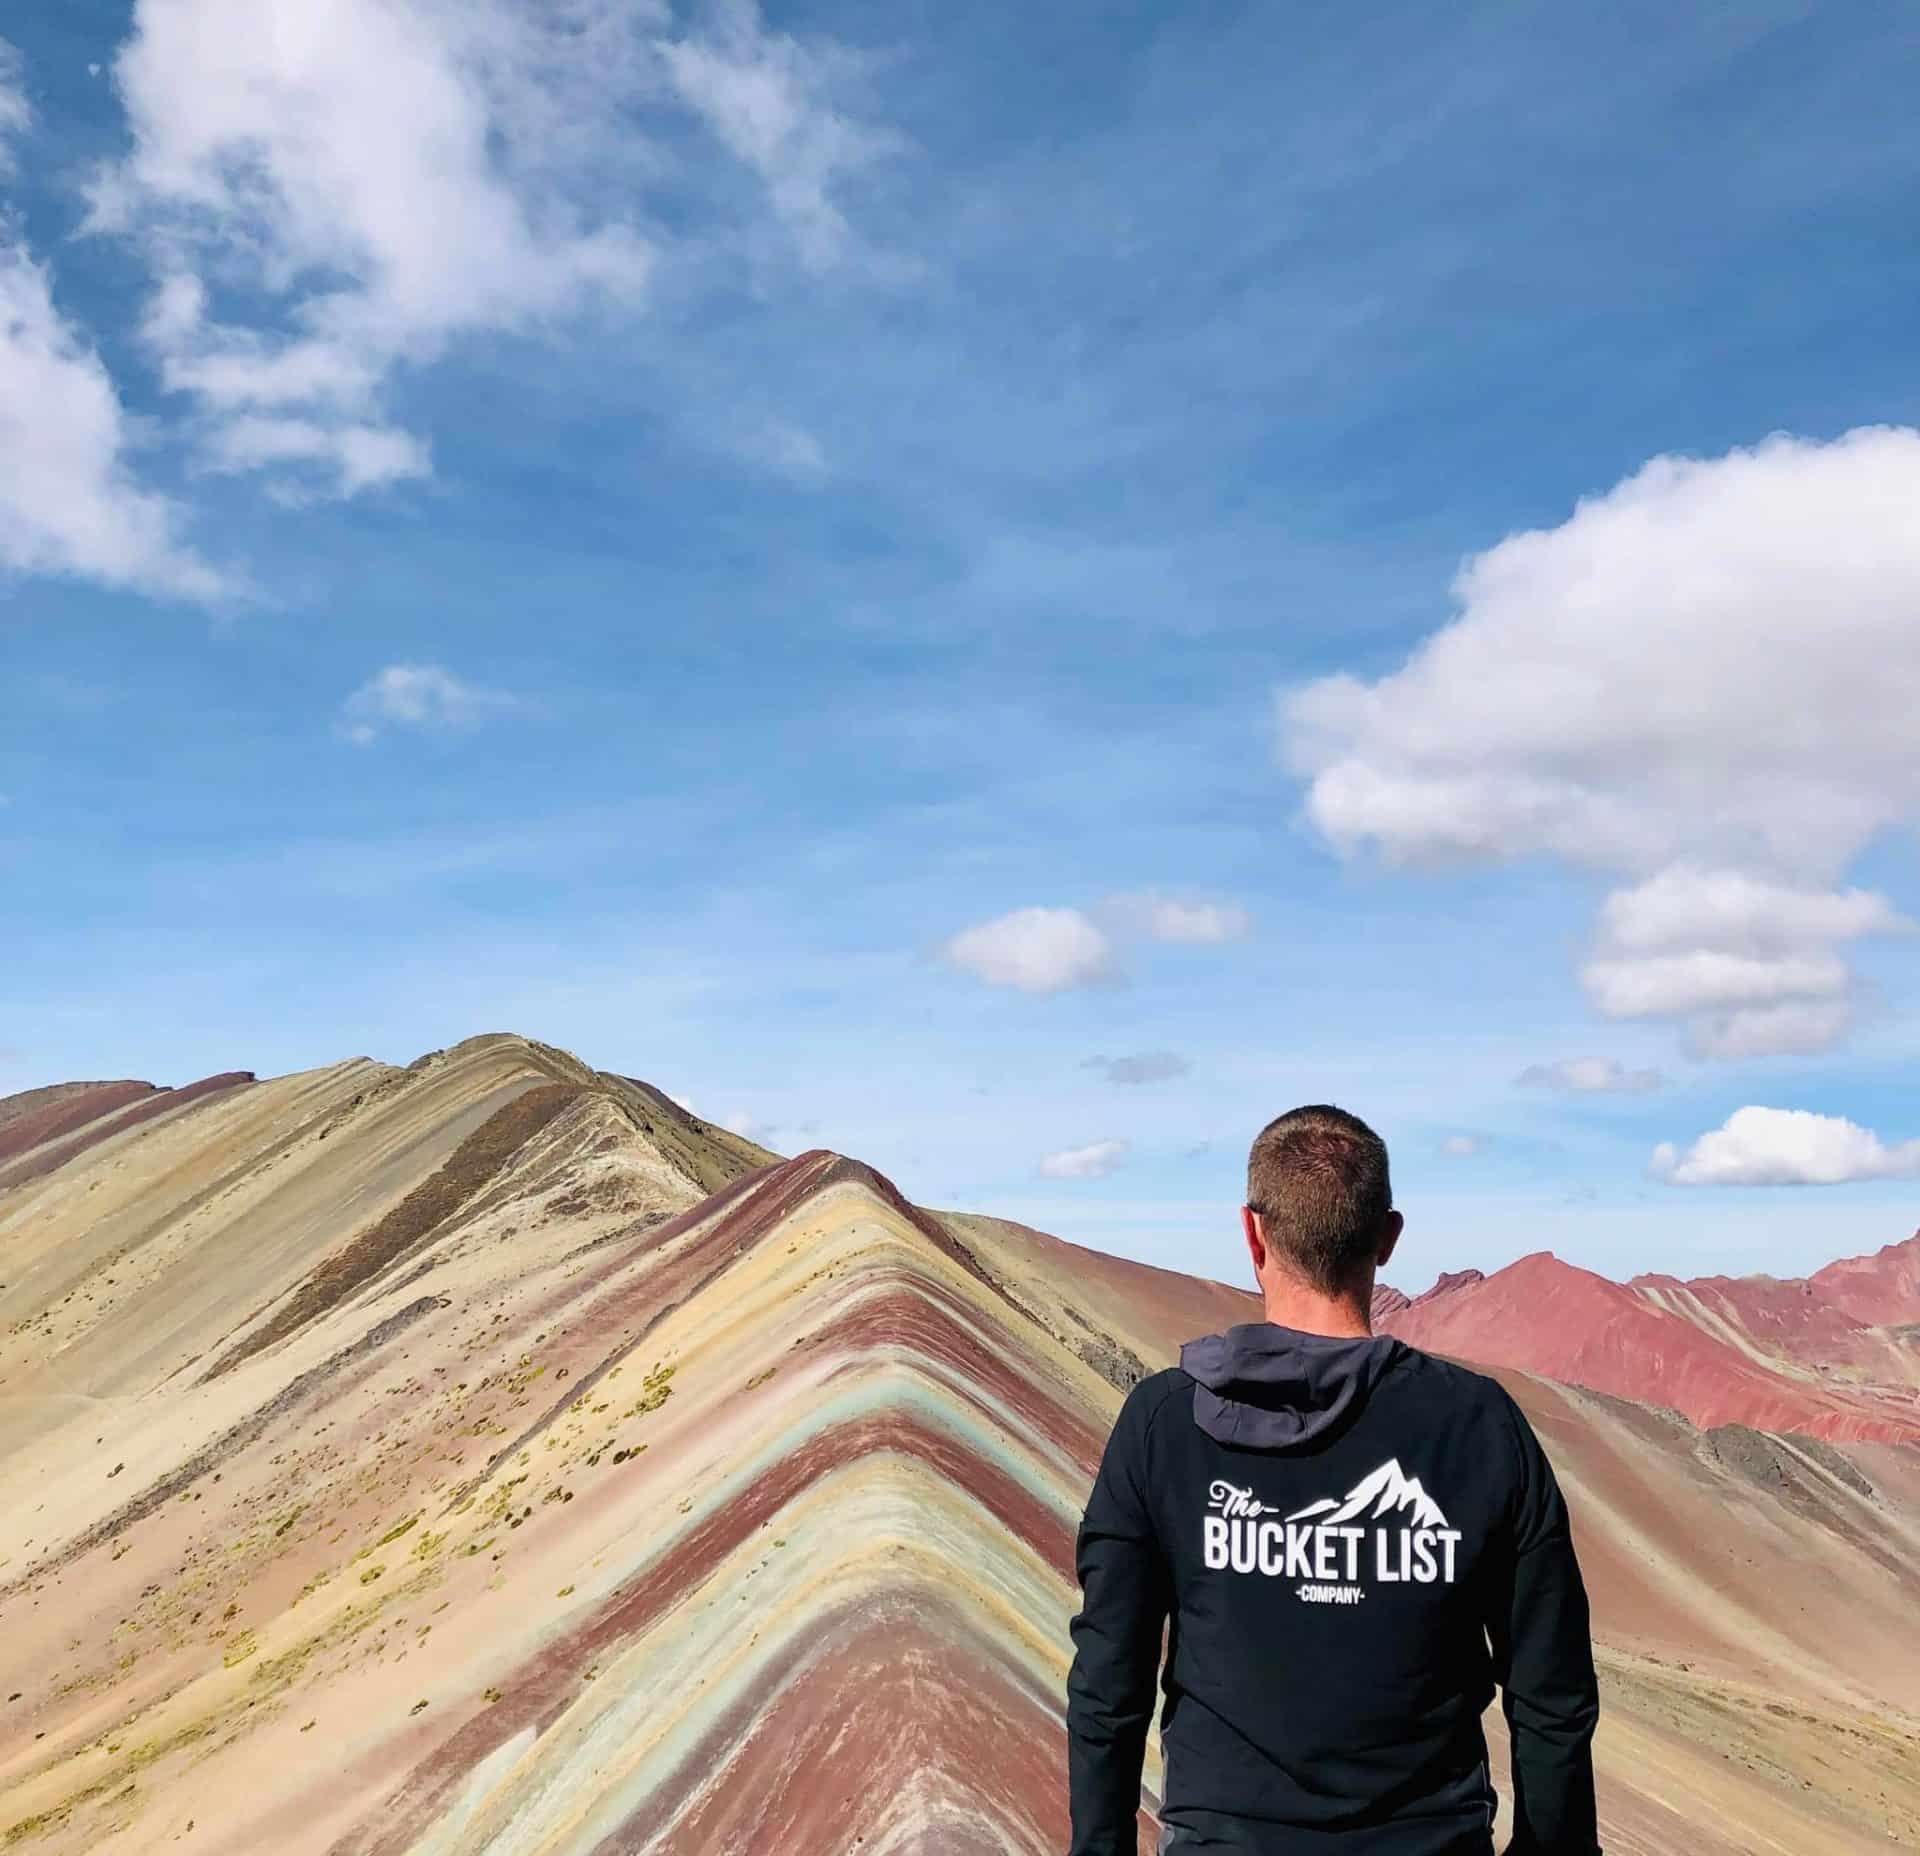 Rainbow Mountain excursion, Peru